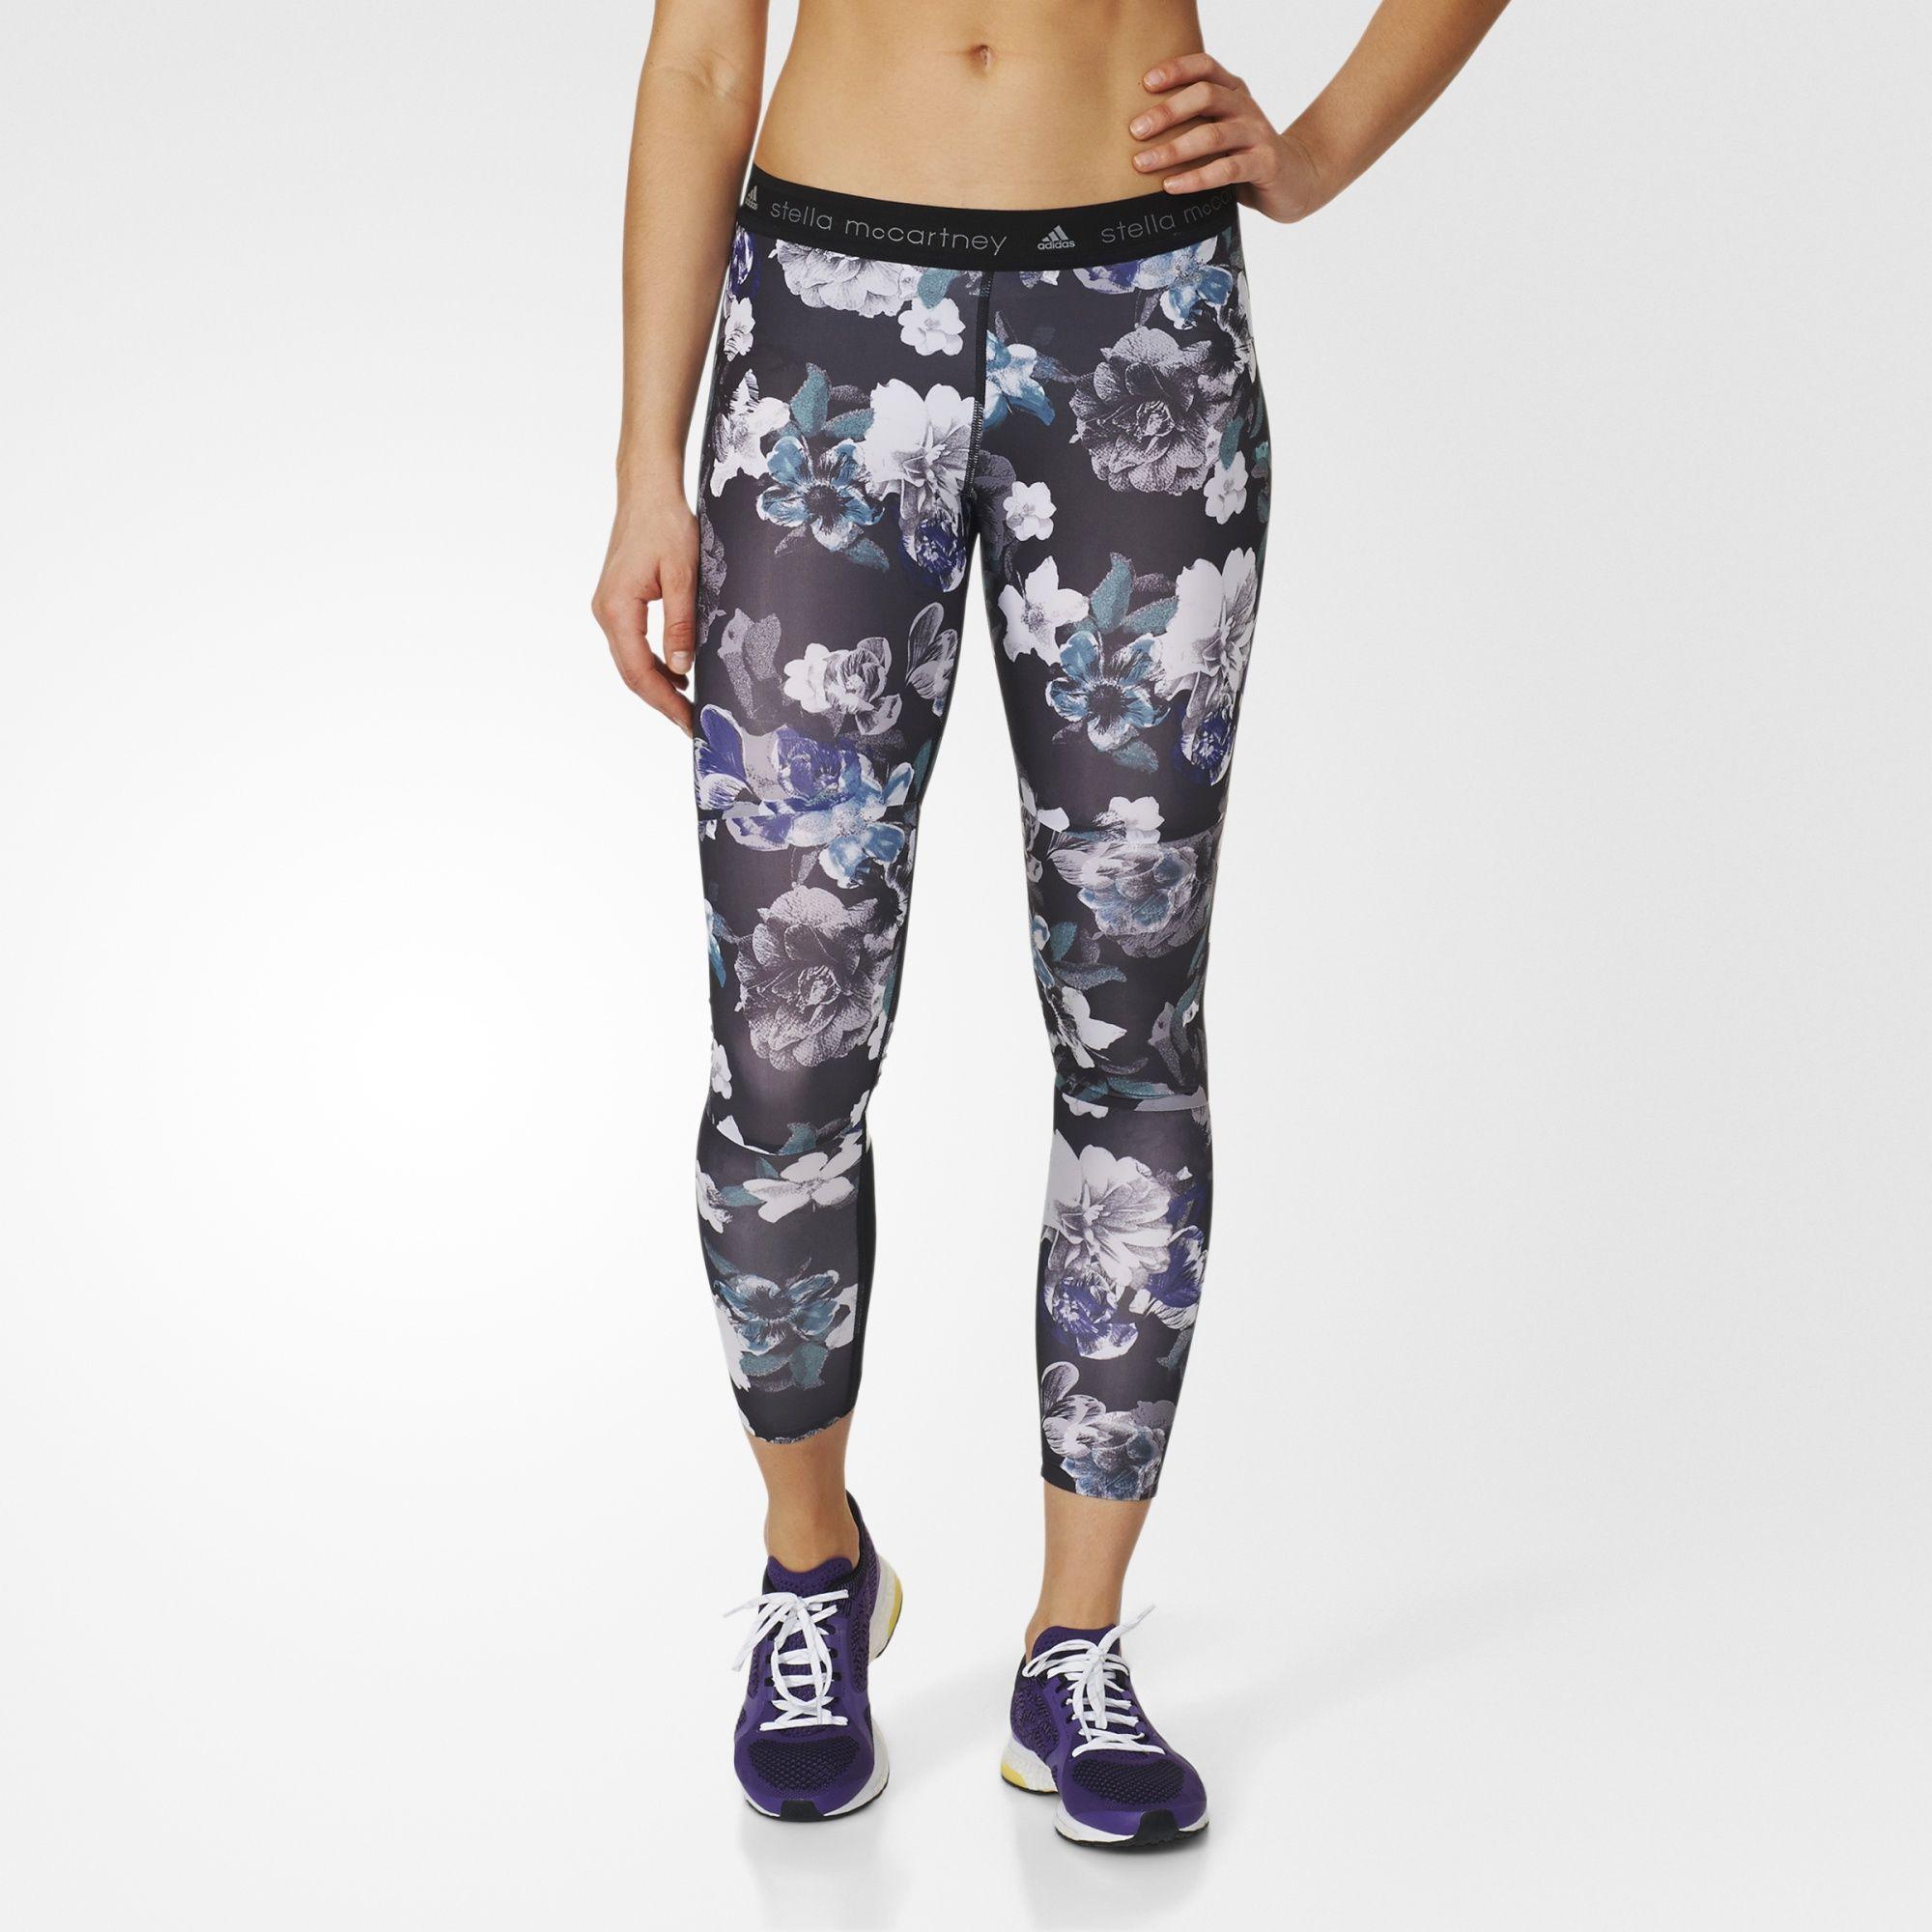 Adidas adizero legginsy oscuras Blossom tights Fit estilo correr